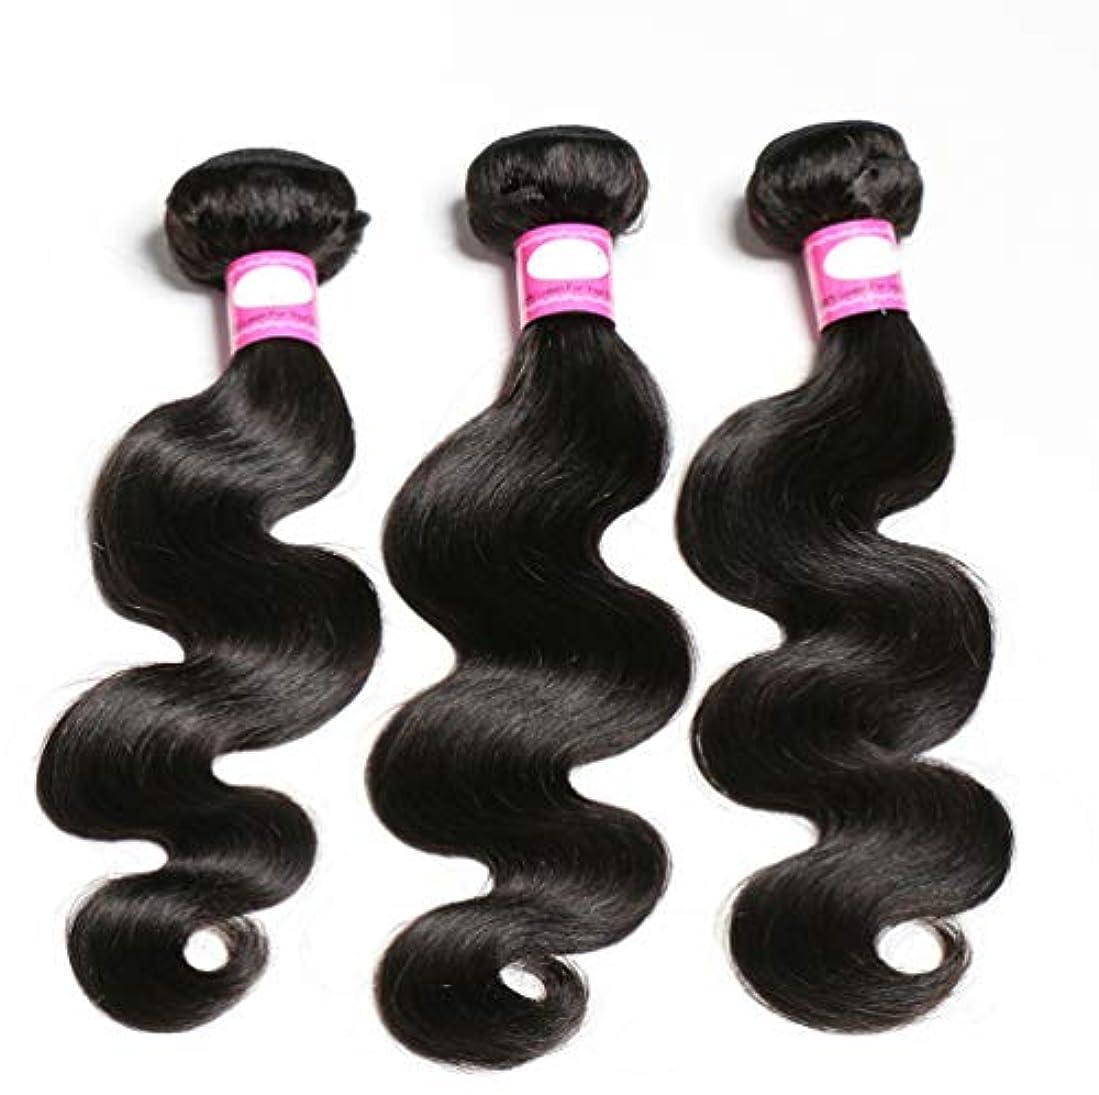 良心飲み込む読み書きのできないブラジルの巻き毛の束深い波の束100%ブラジルのレミーの巻き毛の人間の毛髪の織り方ブラジルの毛の束(3束)